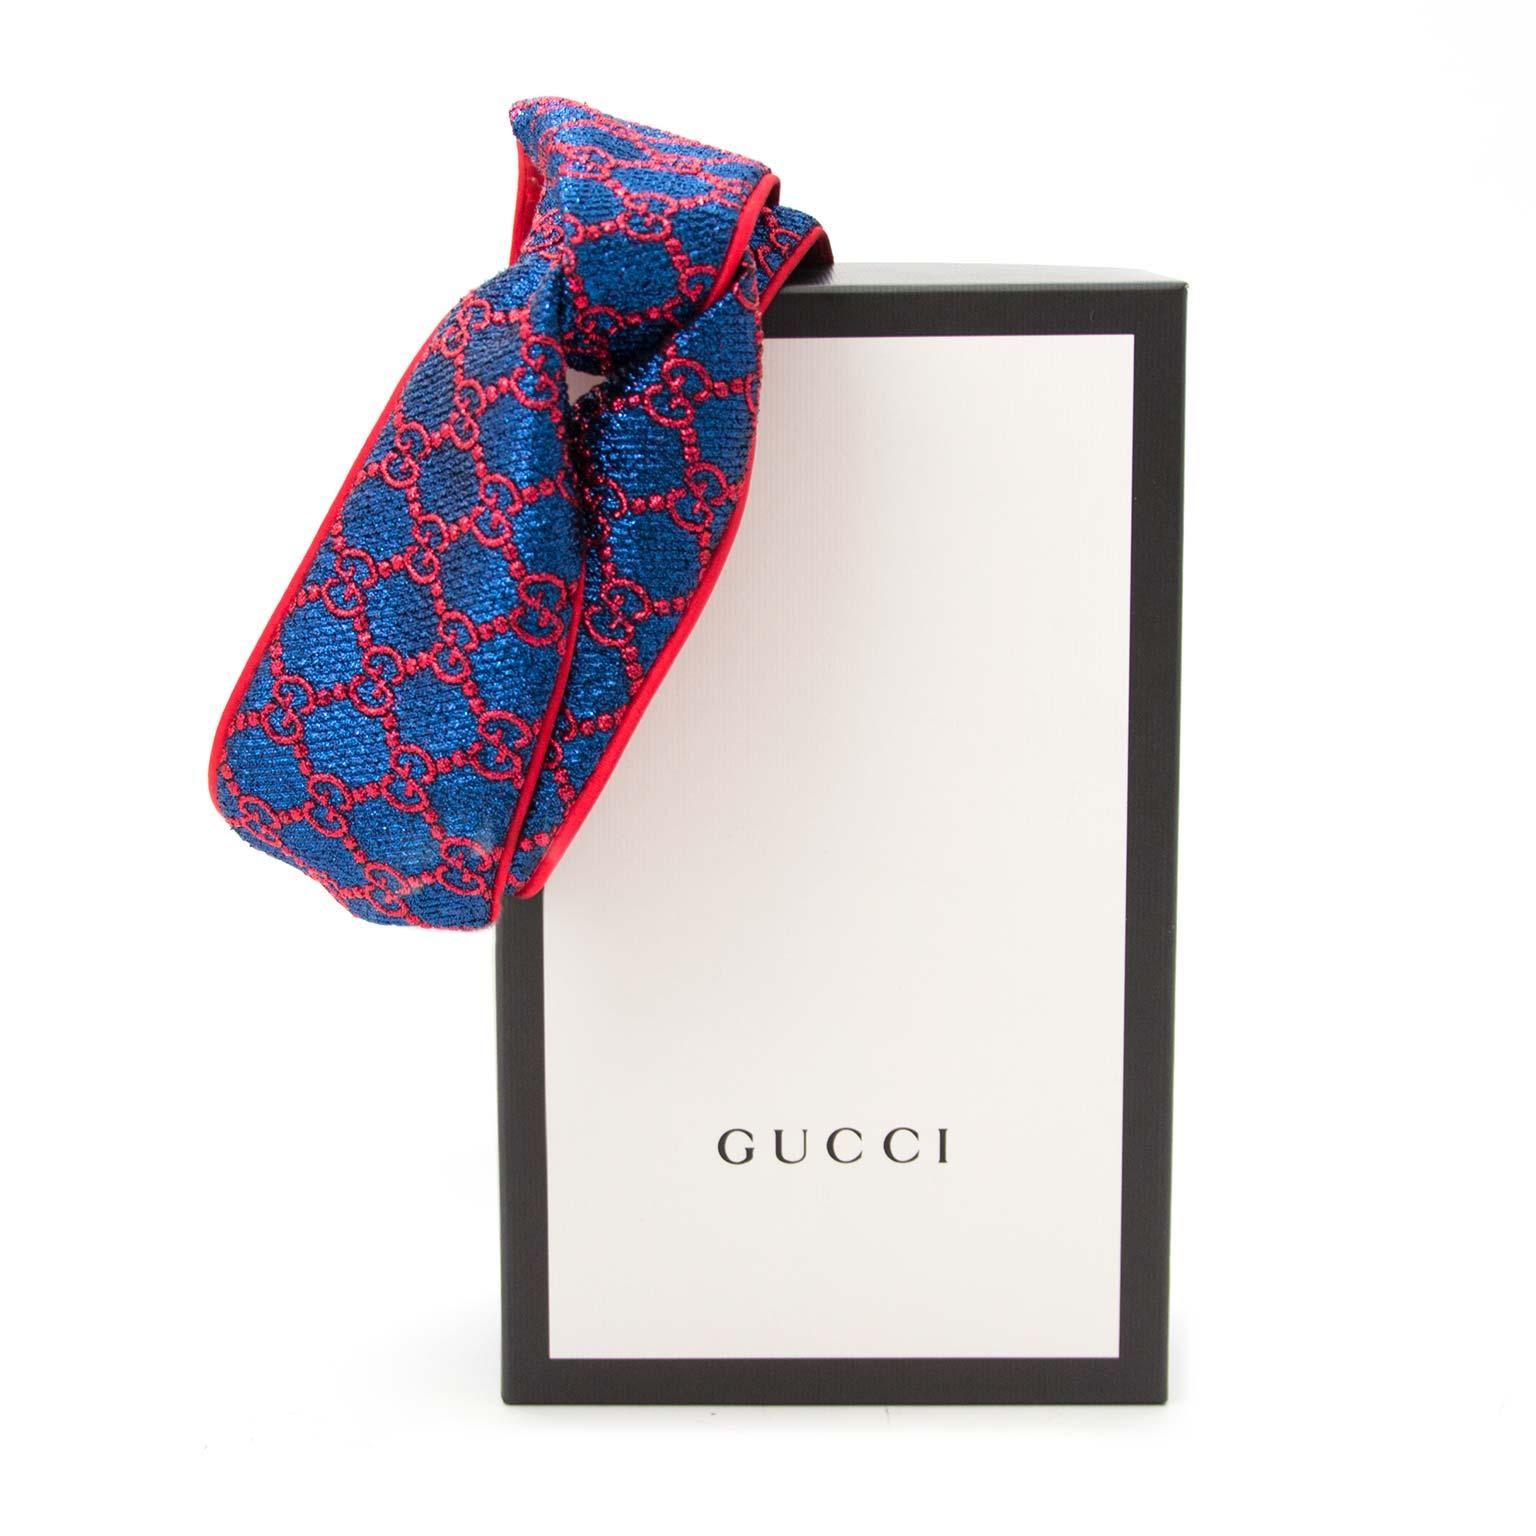 acheter en ligne chez labellov.com pour le meilleur prix gucci gg supreme glitter jacquard